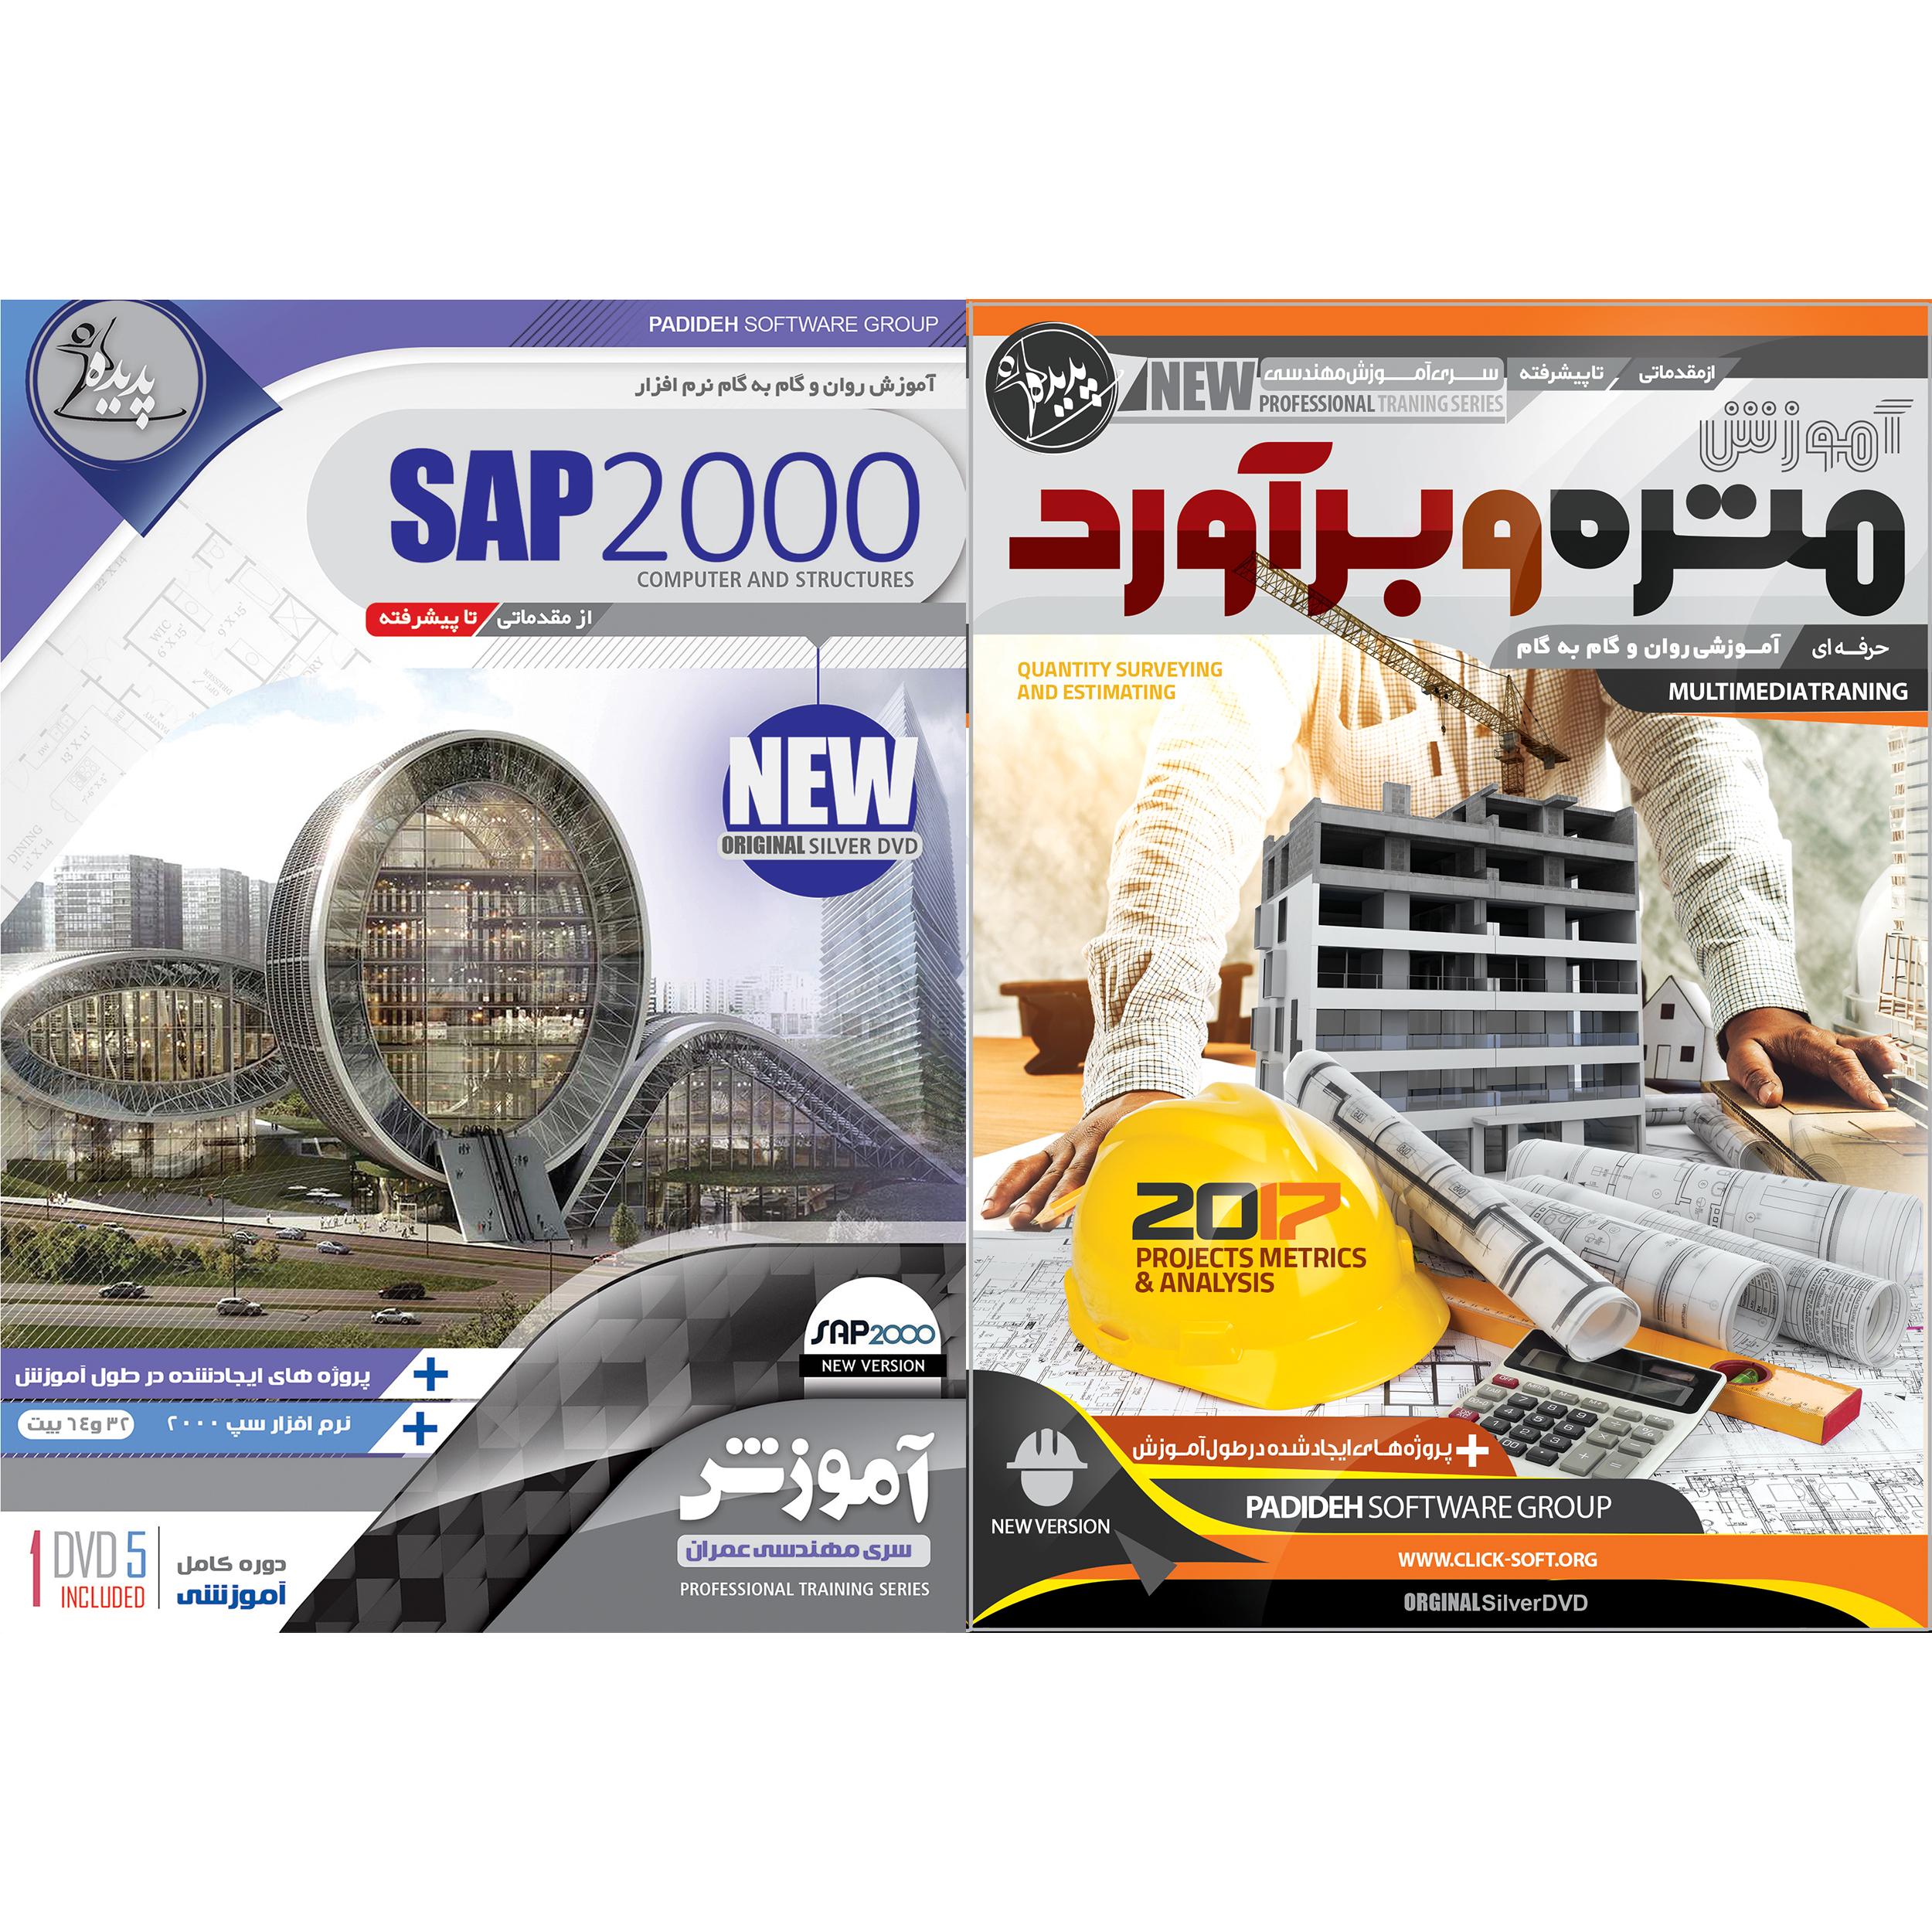 عکس نرم افزار آموزش متره و برآورد نشر پدیده به همراه نرم افزار آموزش SAP 2000 نشر پدیده